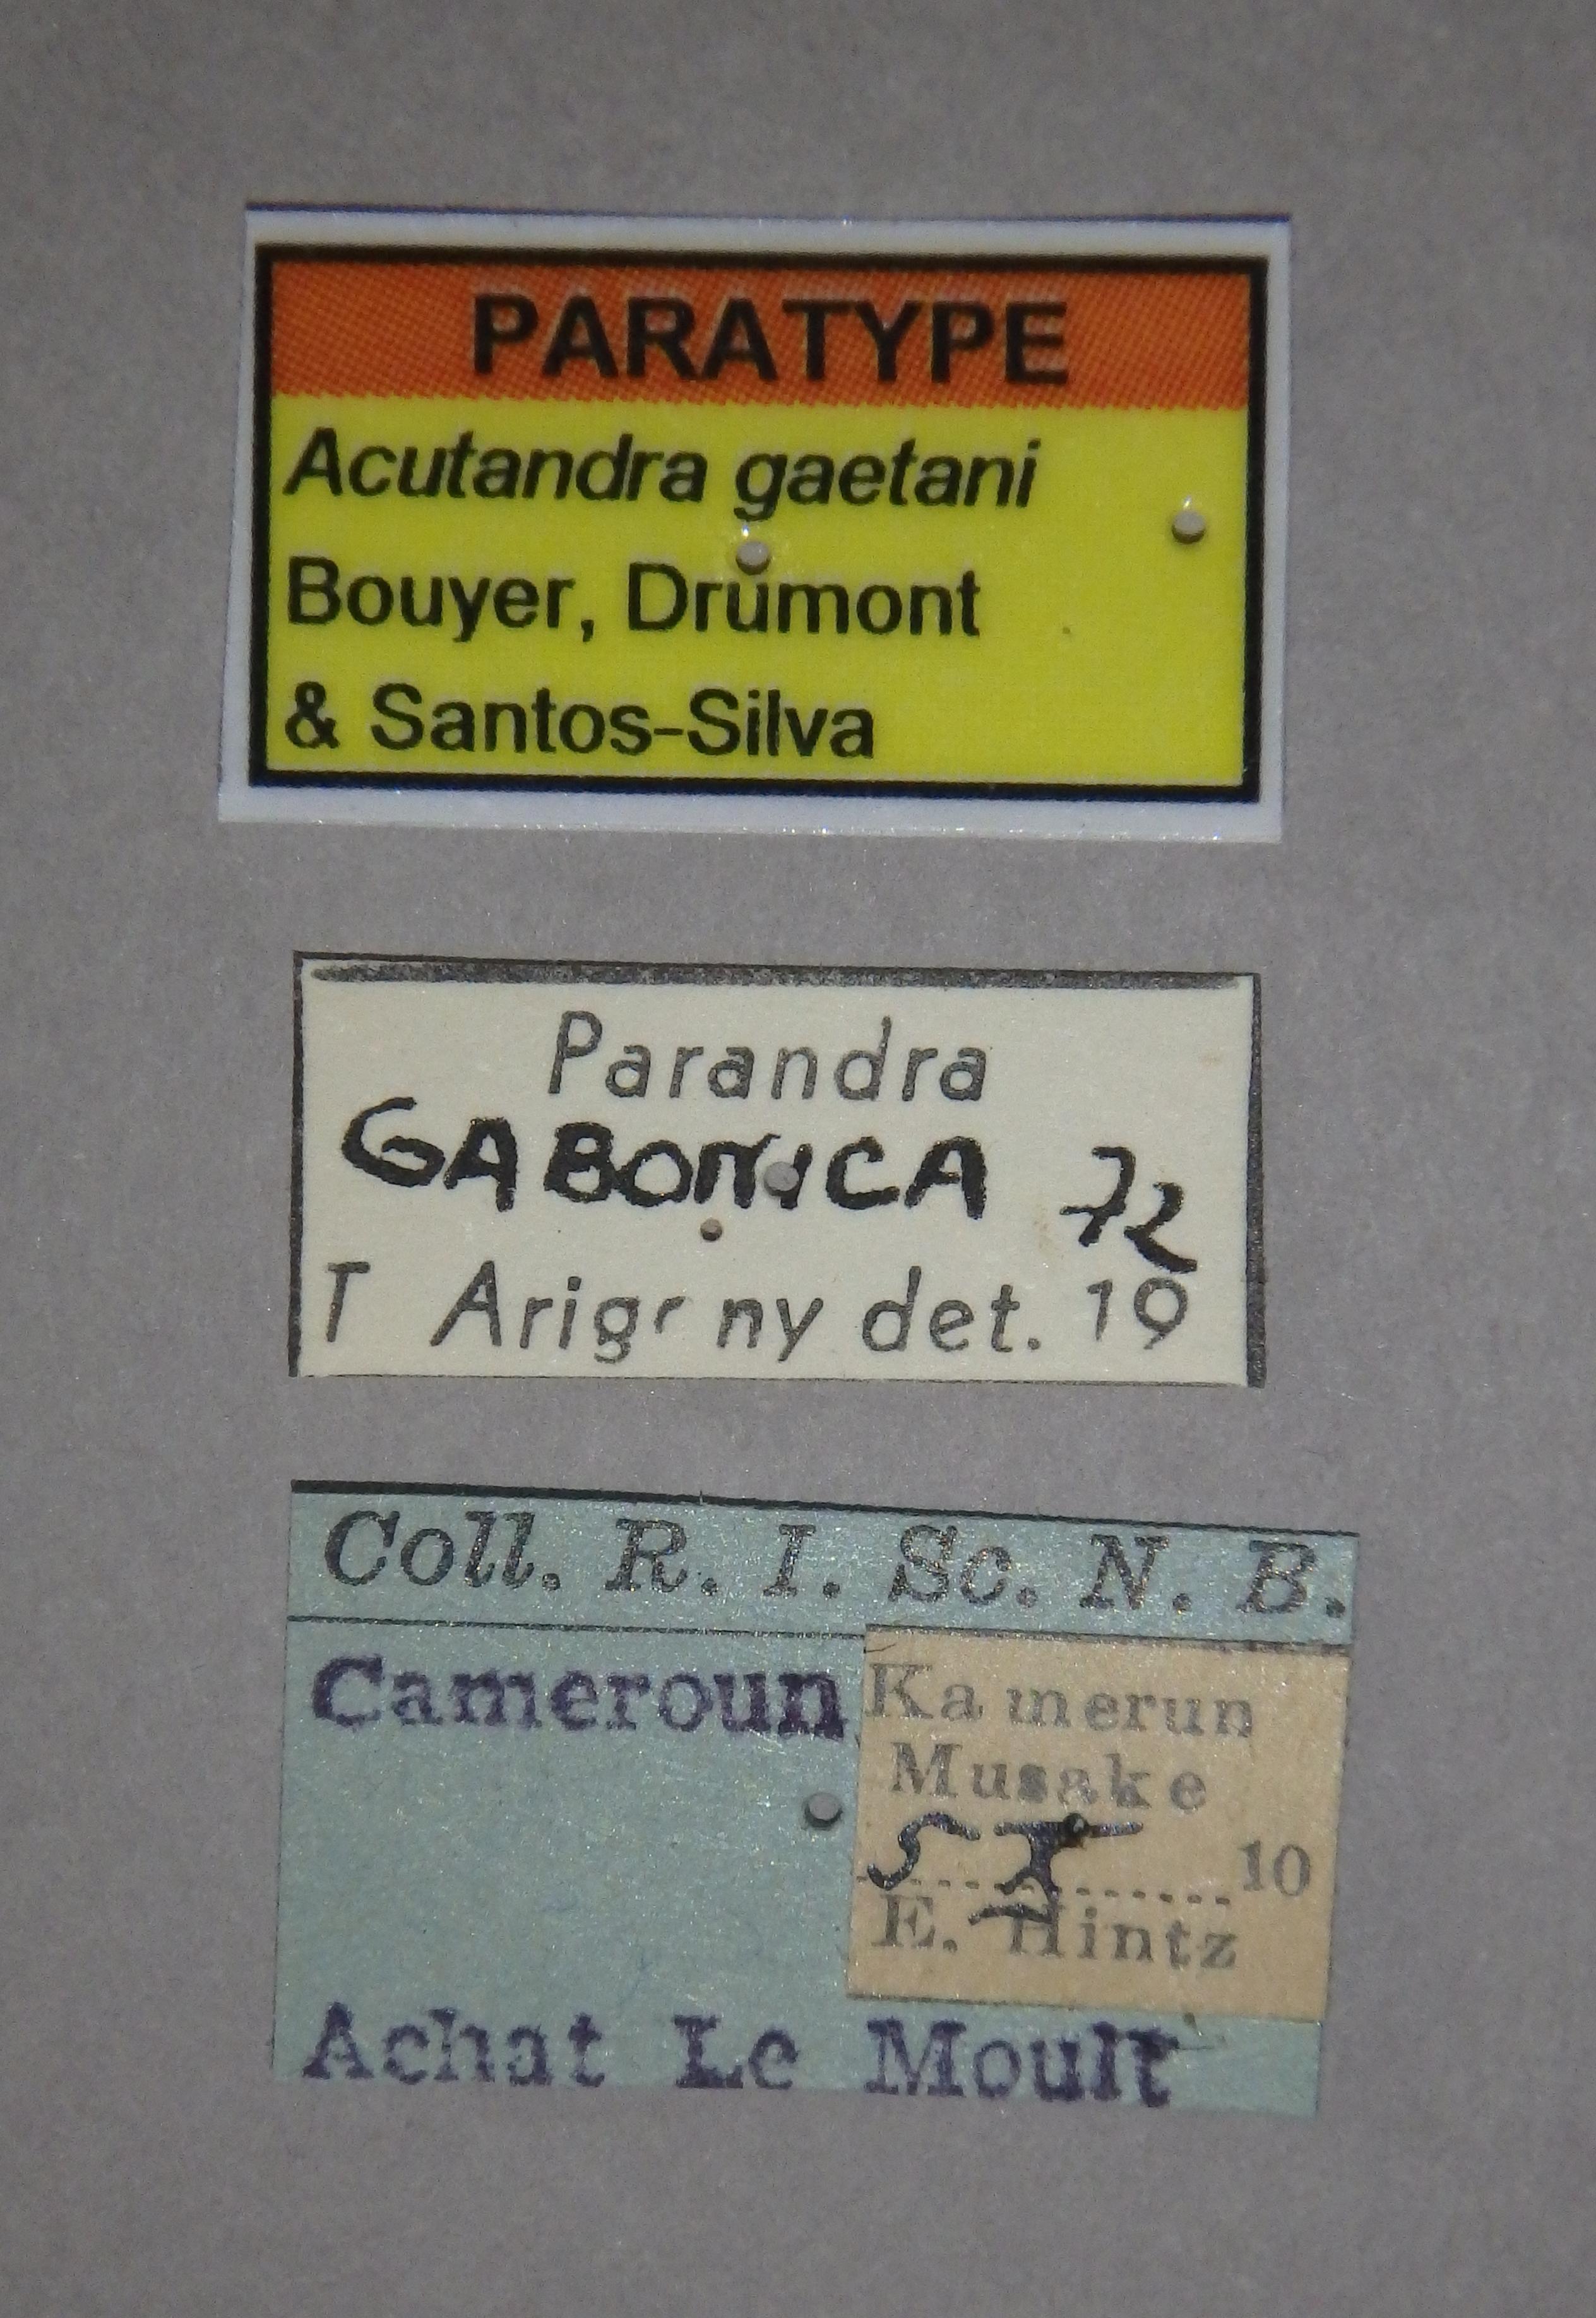 Acutandra gaetani pt2 Lb.JPG